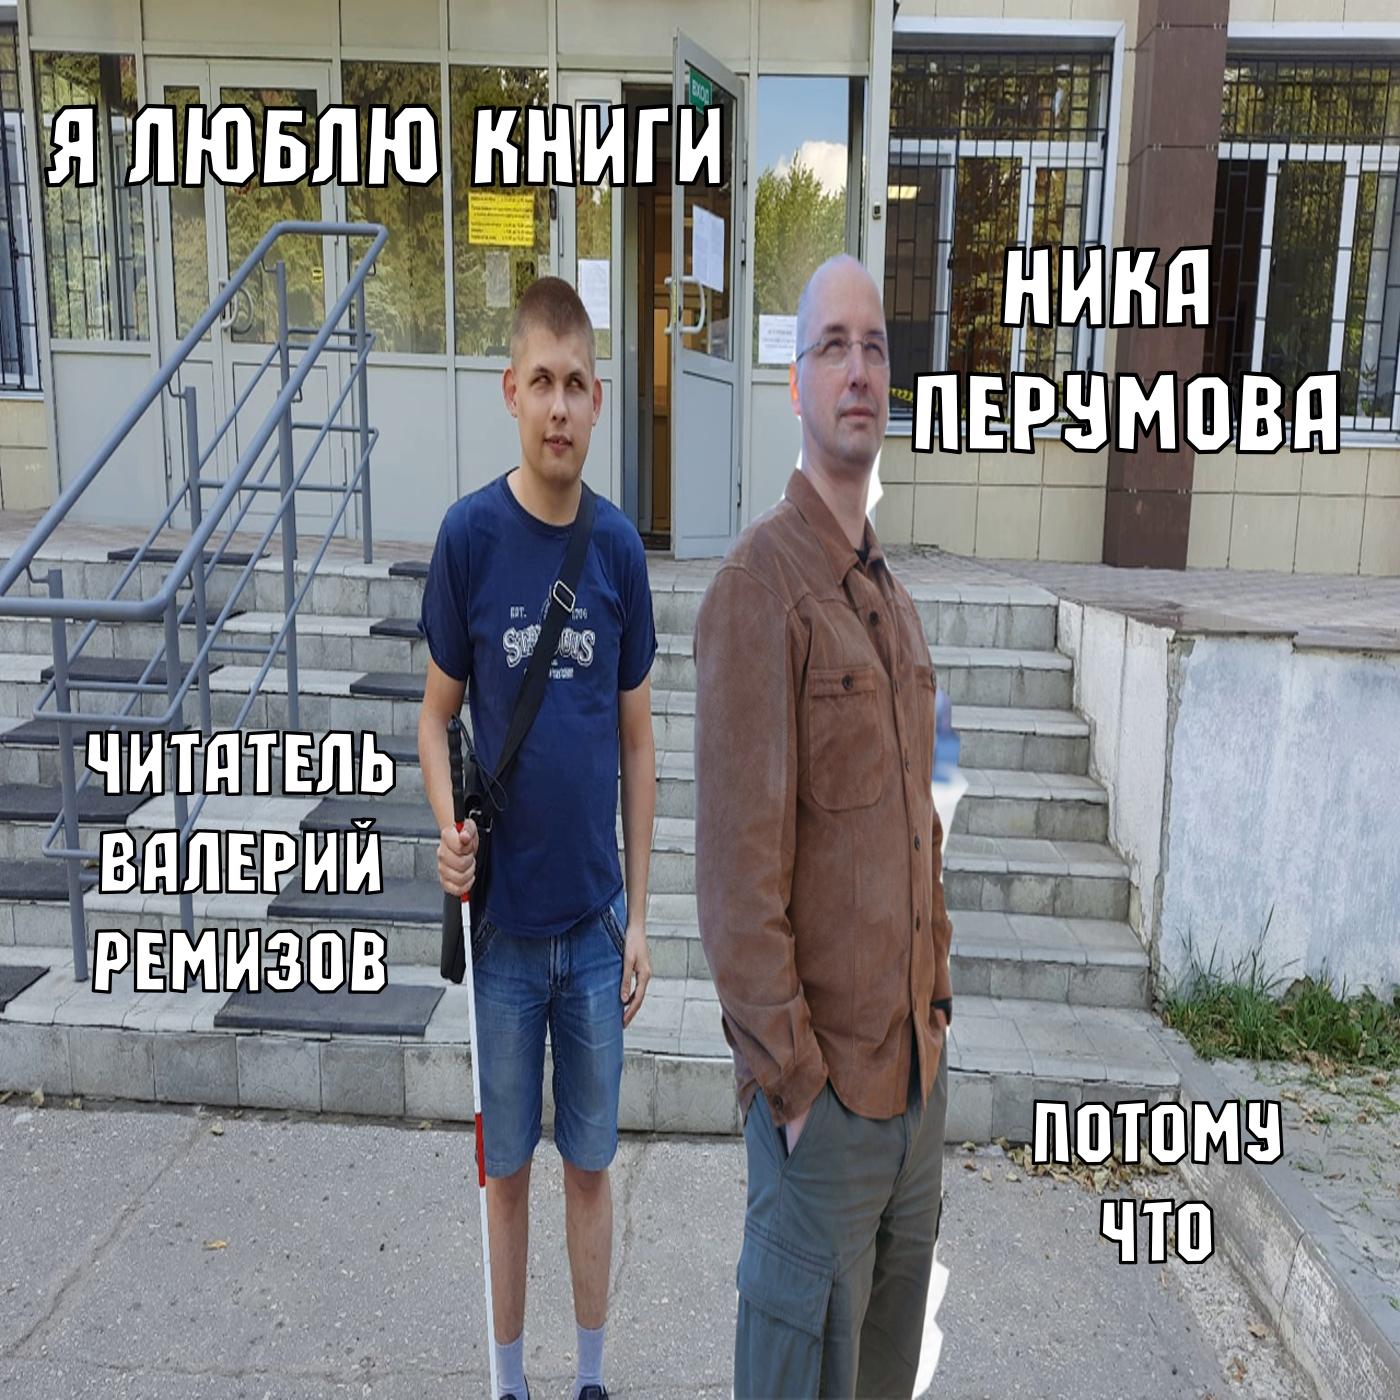 Я люблю книги Ника Перумова потому что (читатель Валерий Ремизов)!